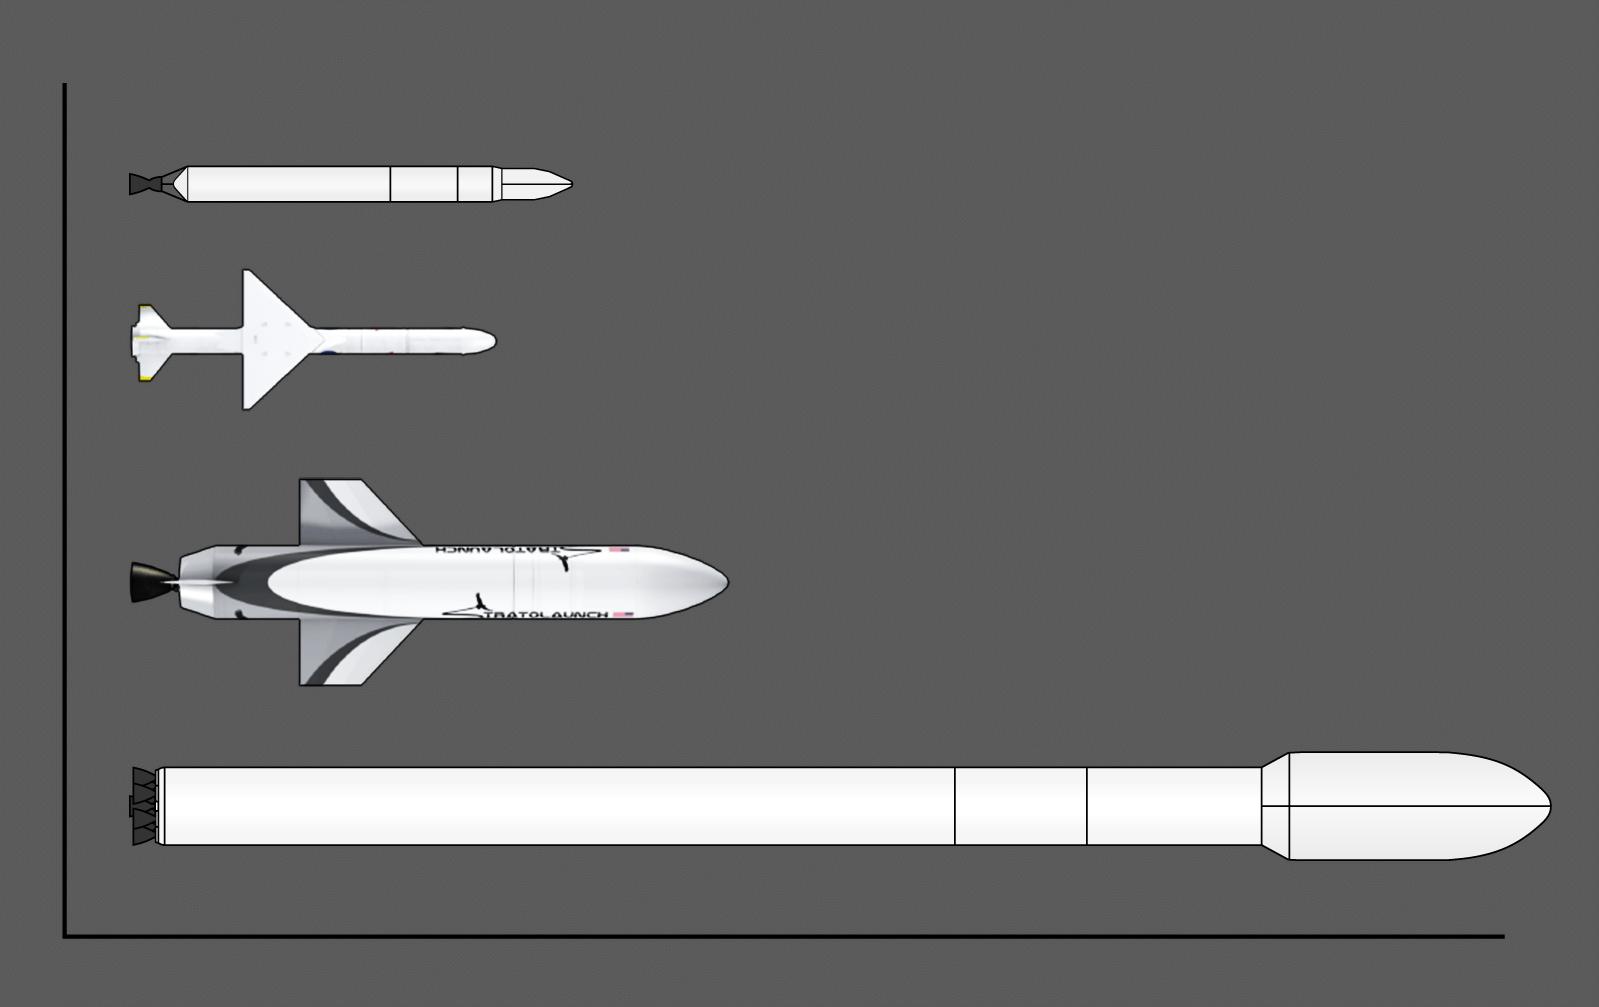 Falcon 1 Pegasus XL MLV Falcon 9 (2)